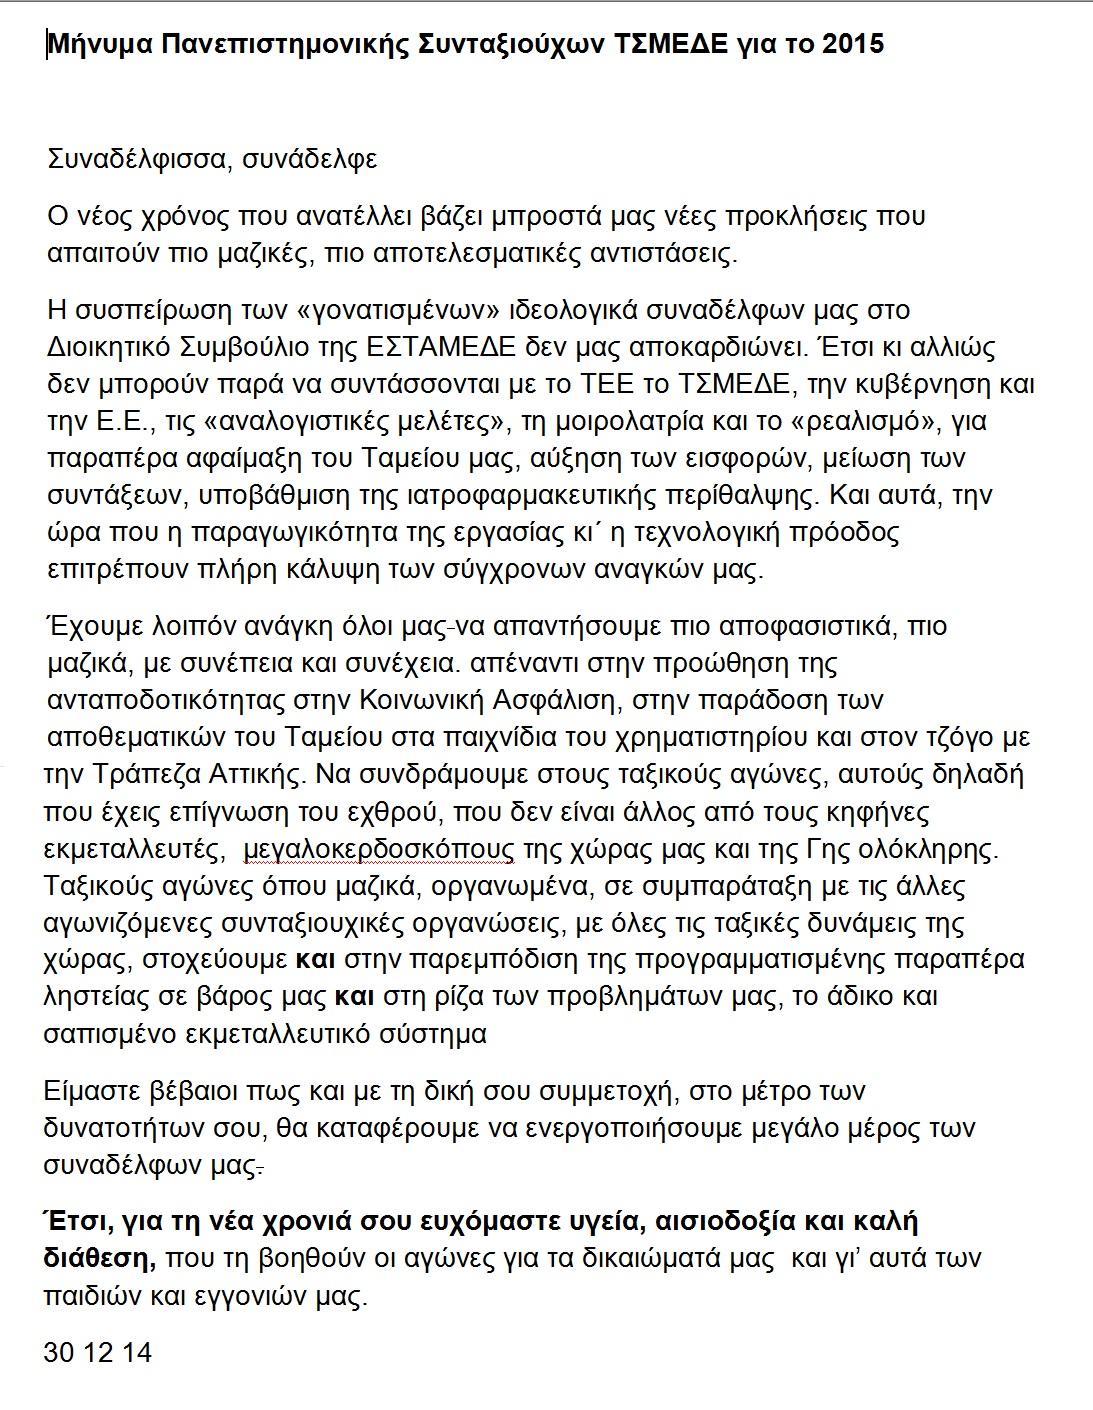 2014 12 30 Ανακ μηνυμα για ν χρον bb τλκ